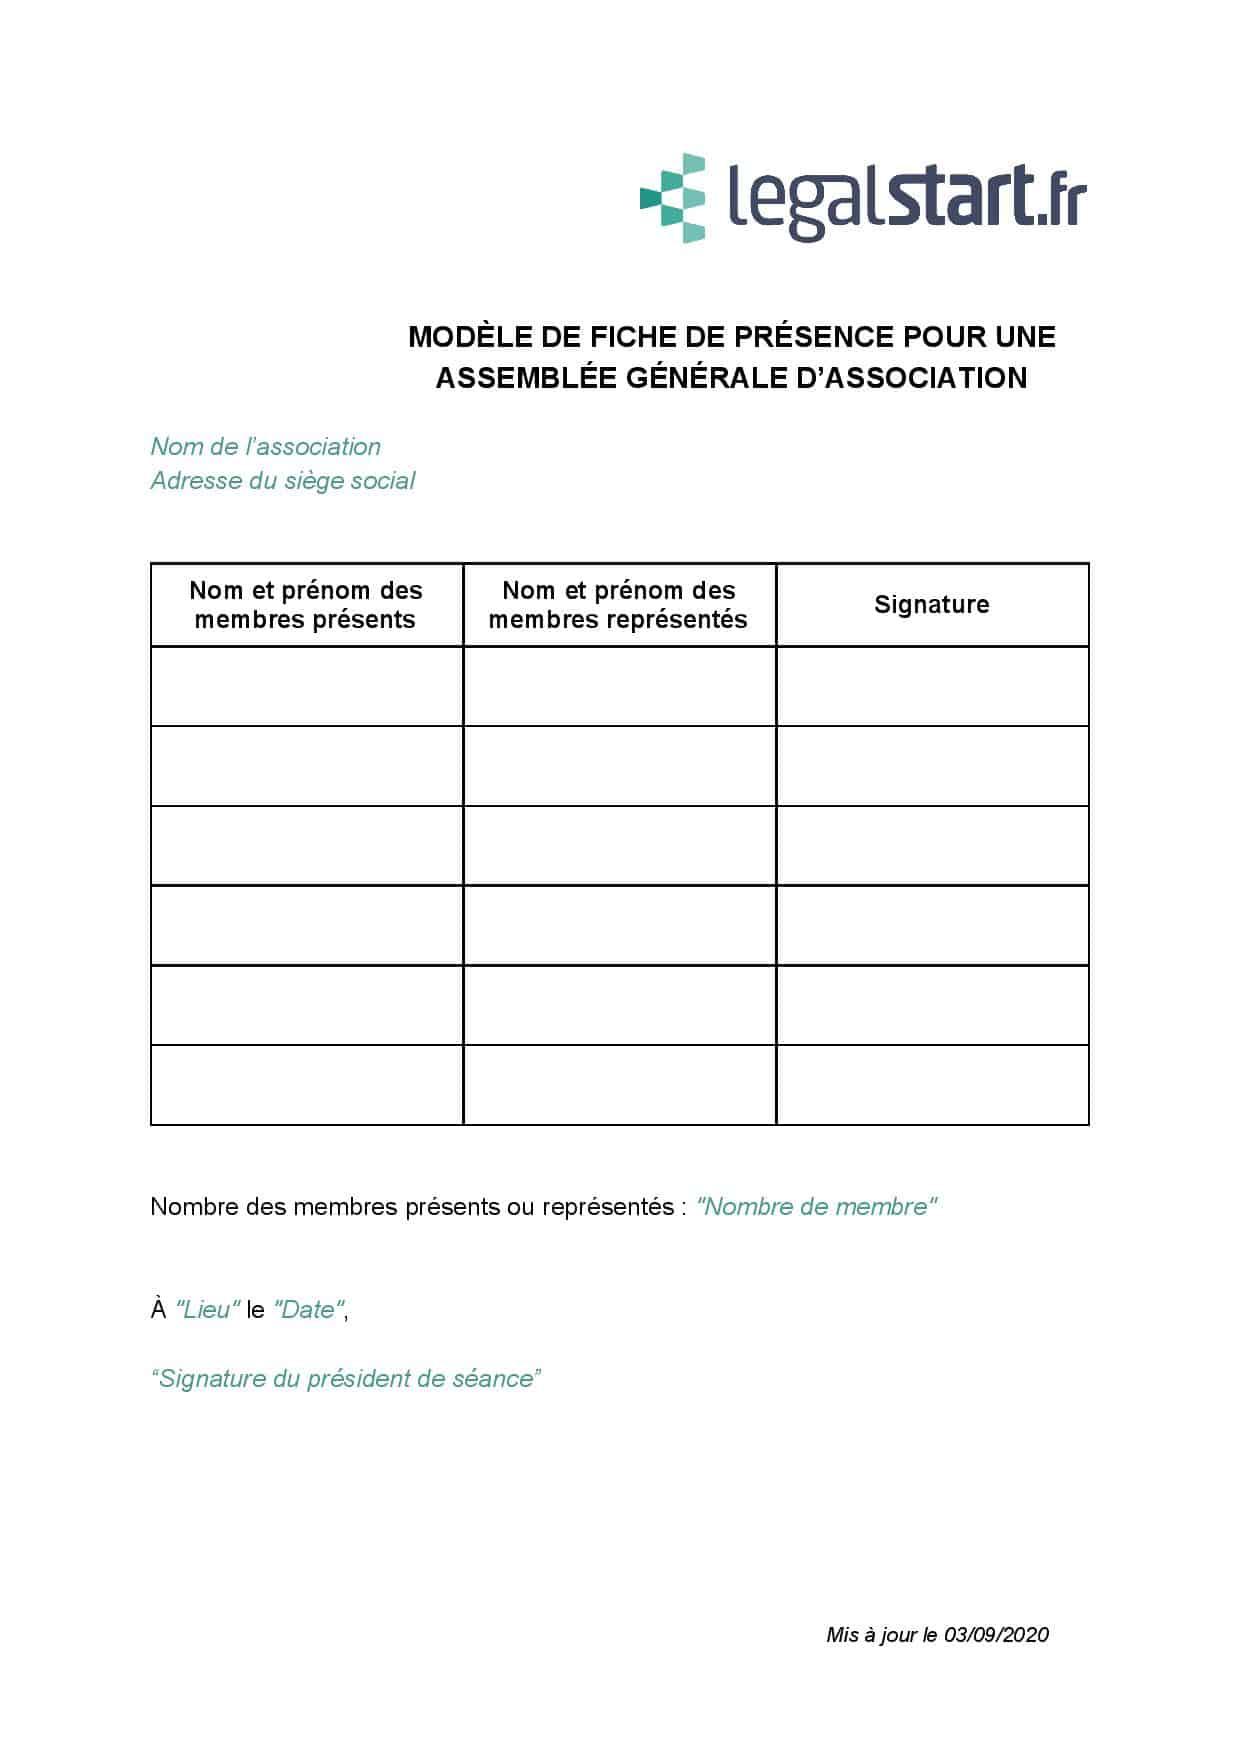 modèle de fiche de présence association